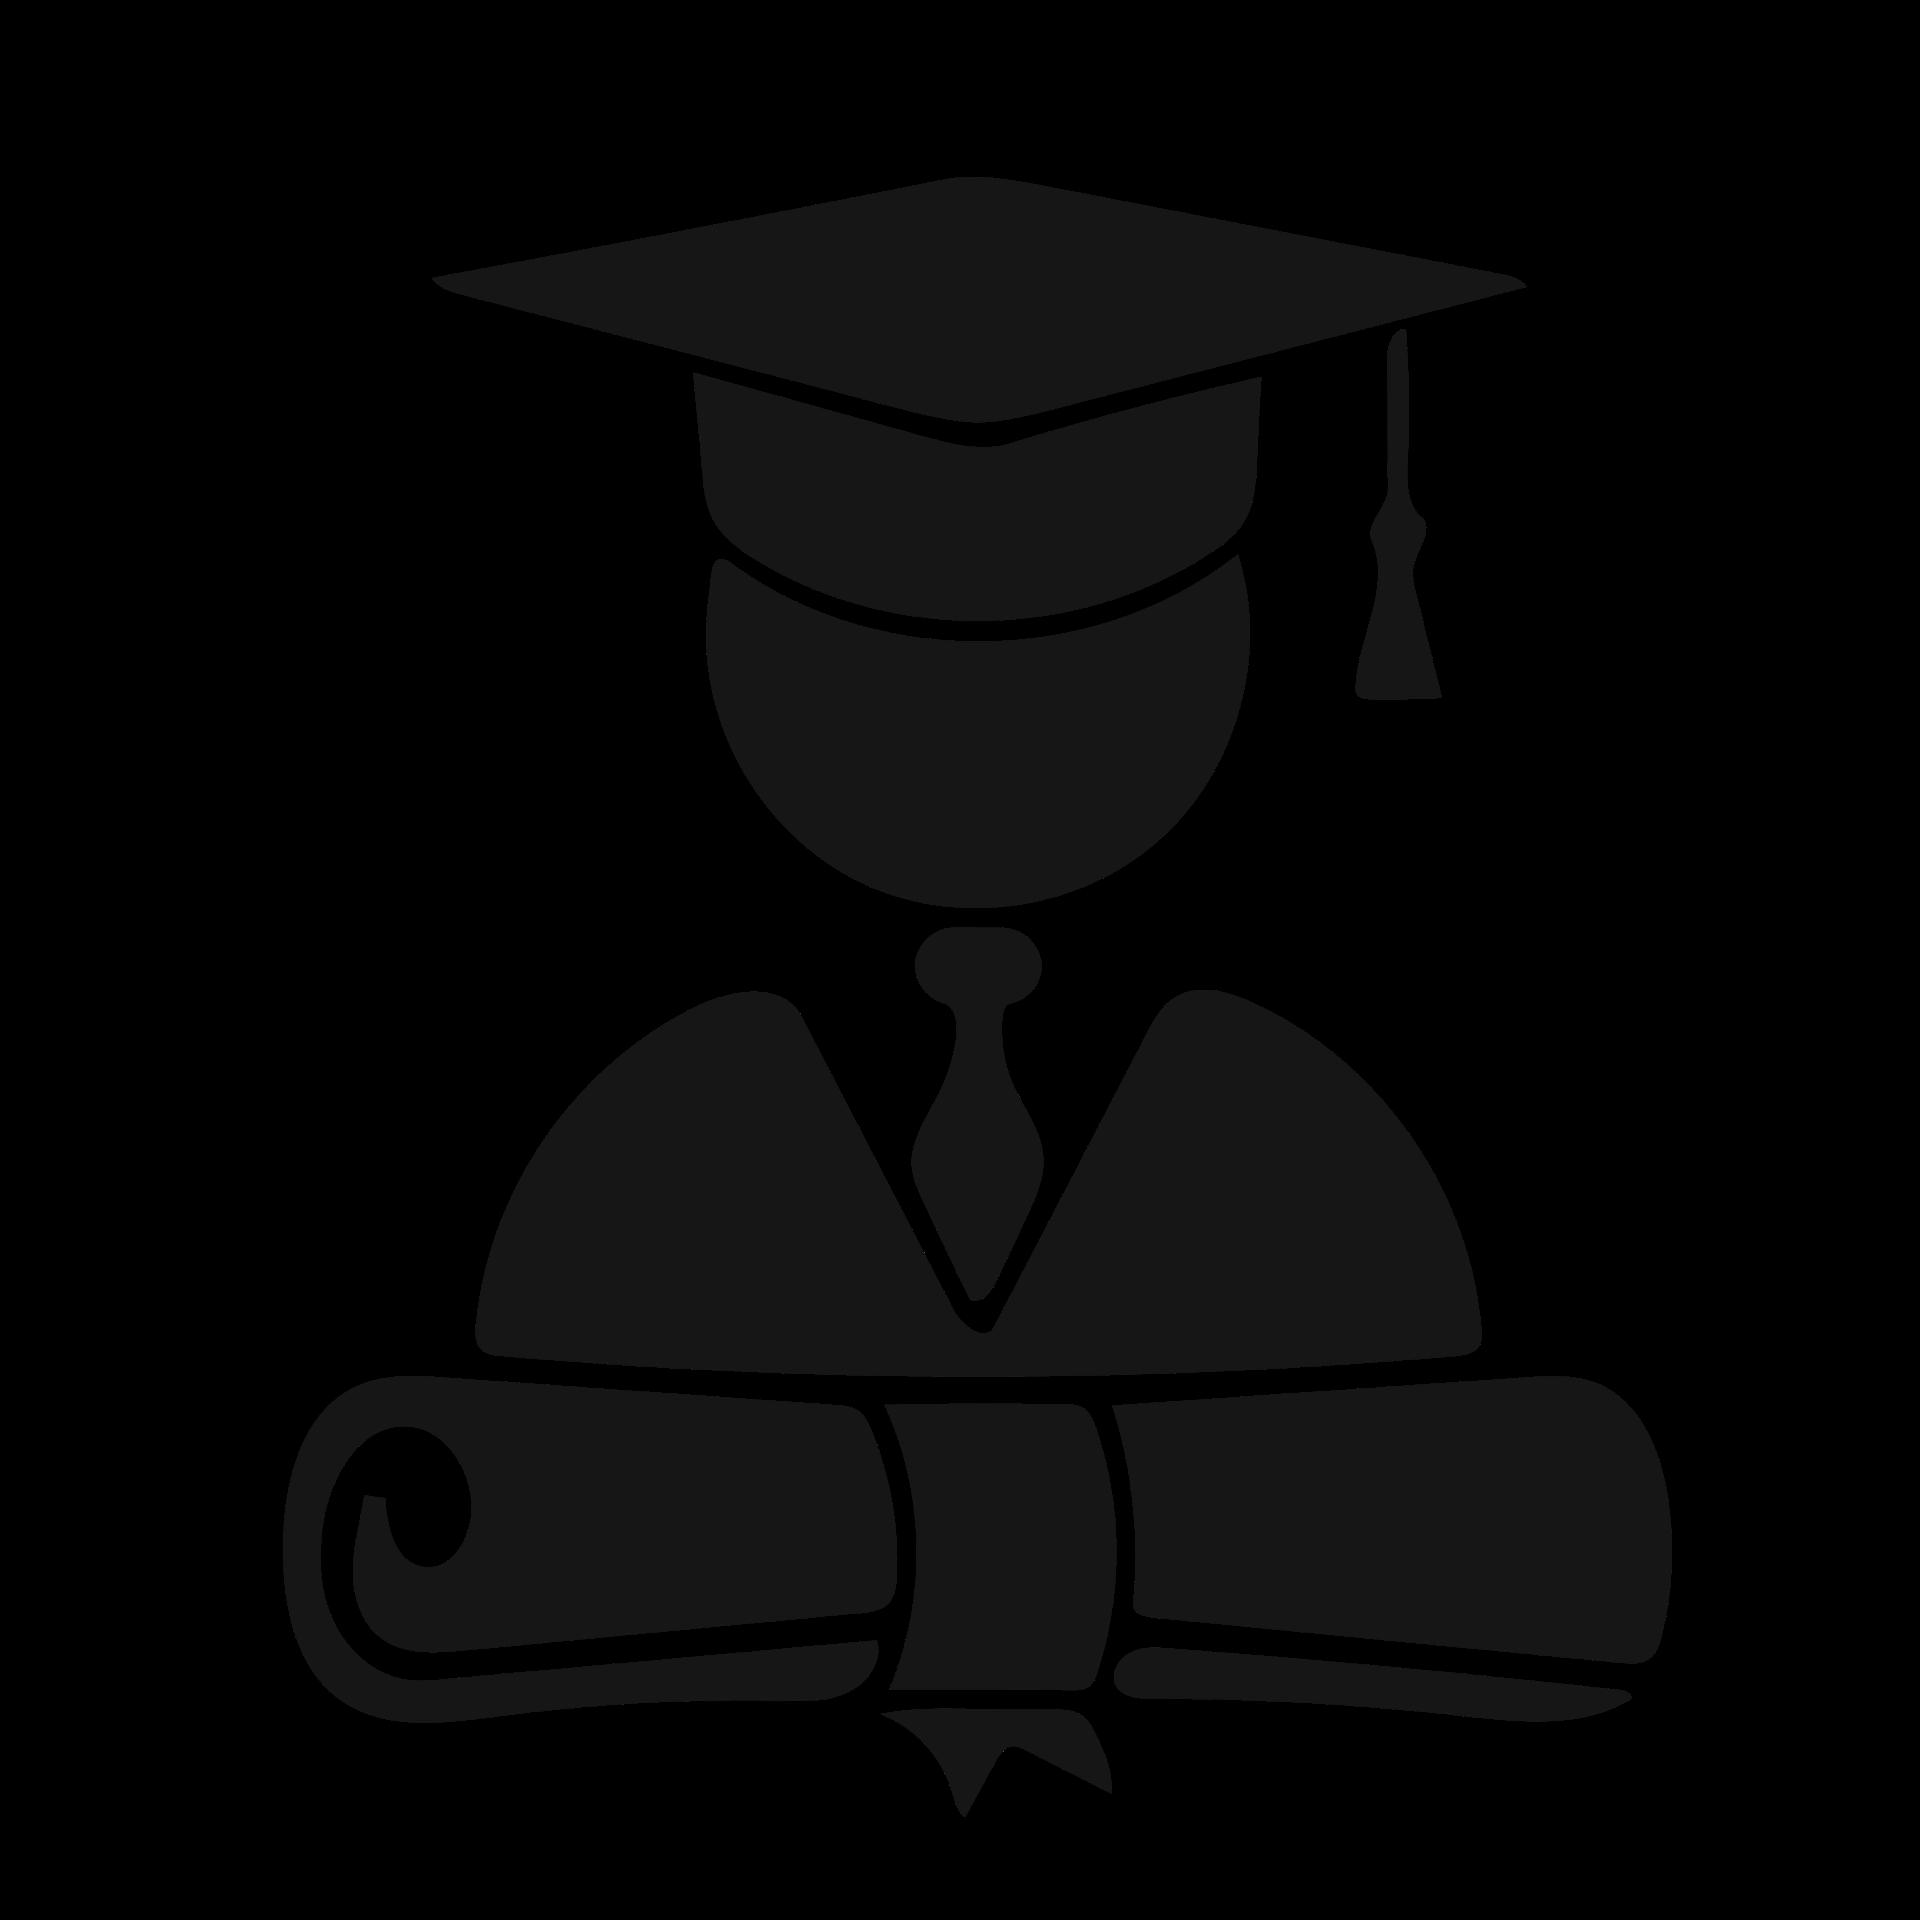 フリーライターに資格は必要?仕事や収入を増やすために取っておくべき資格8選